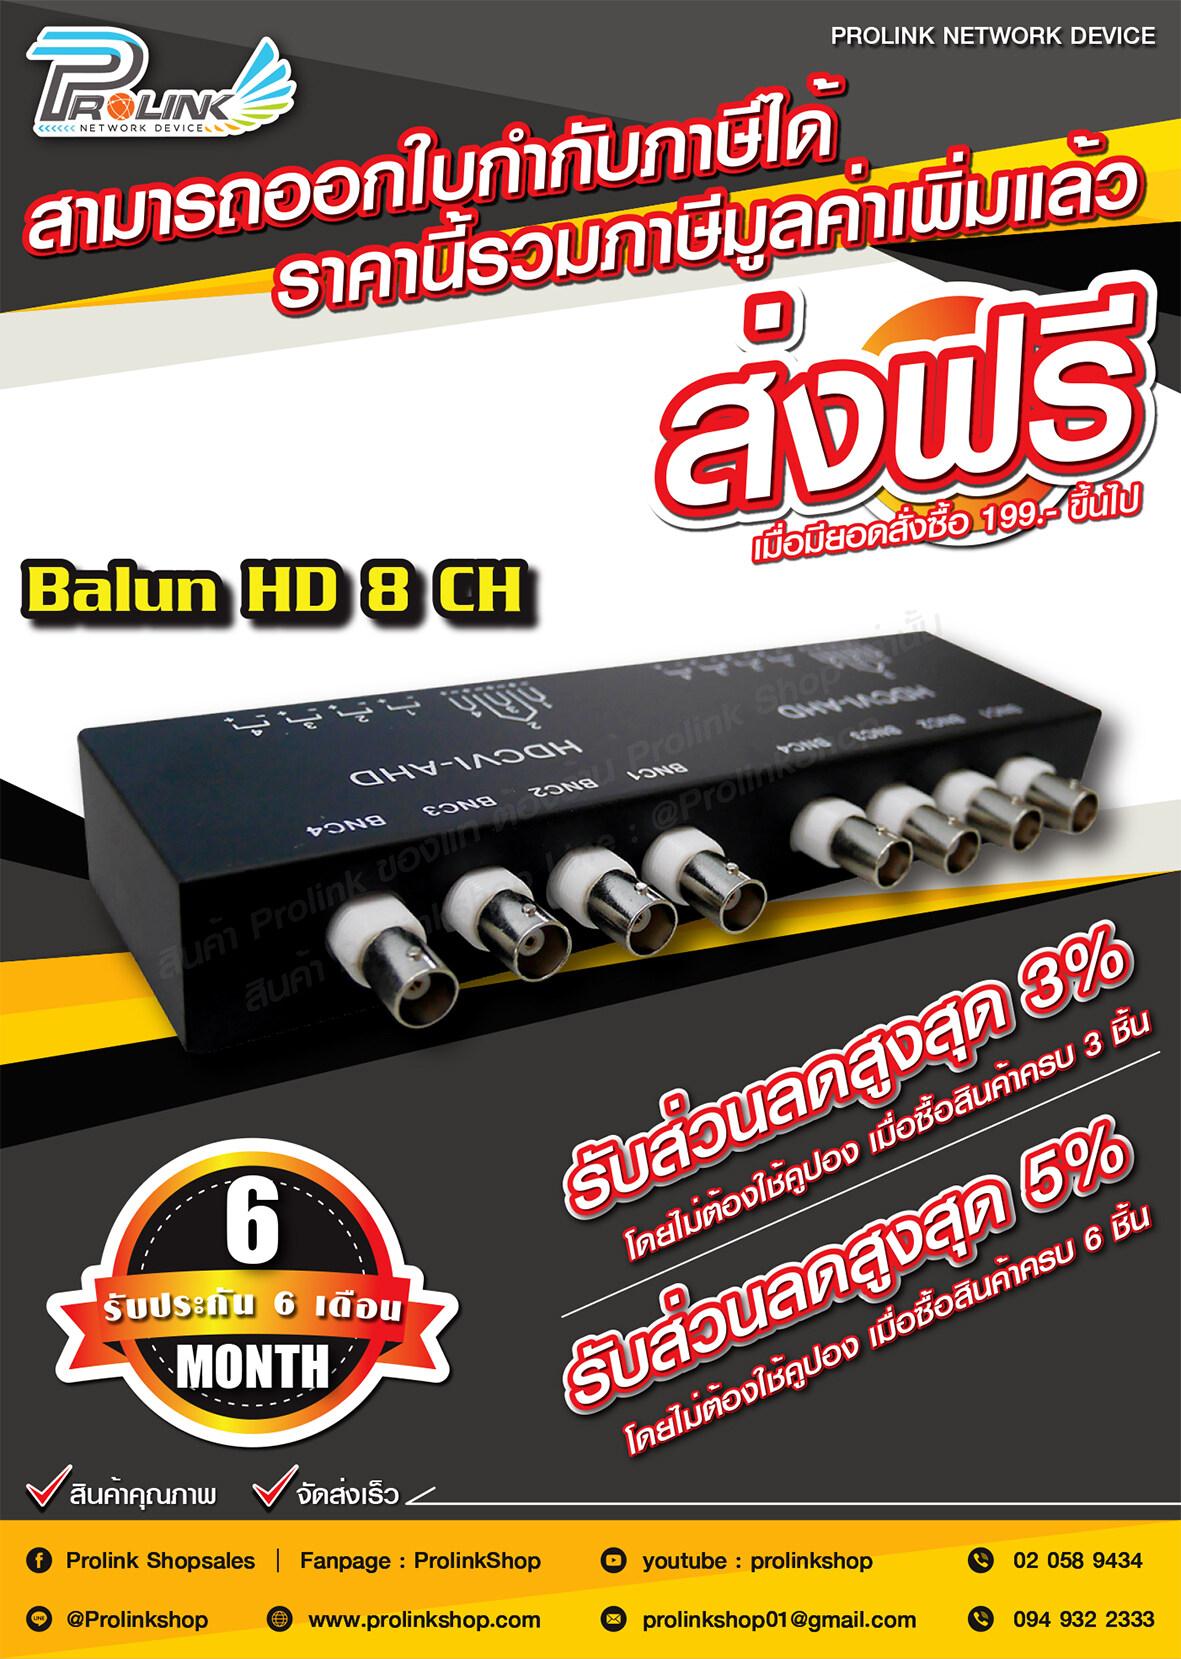 199 ส่งฟรี ส่งไวสุดๆ บาลัน ชนิดกล่อง 8 ช่อง 2mp สำหรับกล้องวงจรปิด / Balun Box 8 Channel 2mp For Cctv รุ่น Bb8 จากร้าน Prolinkshop.